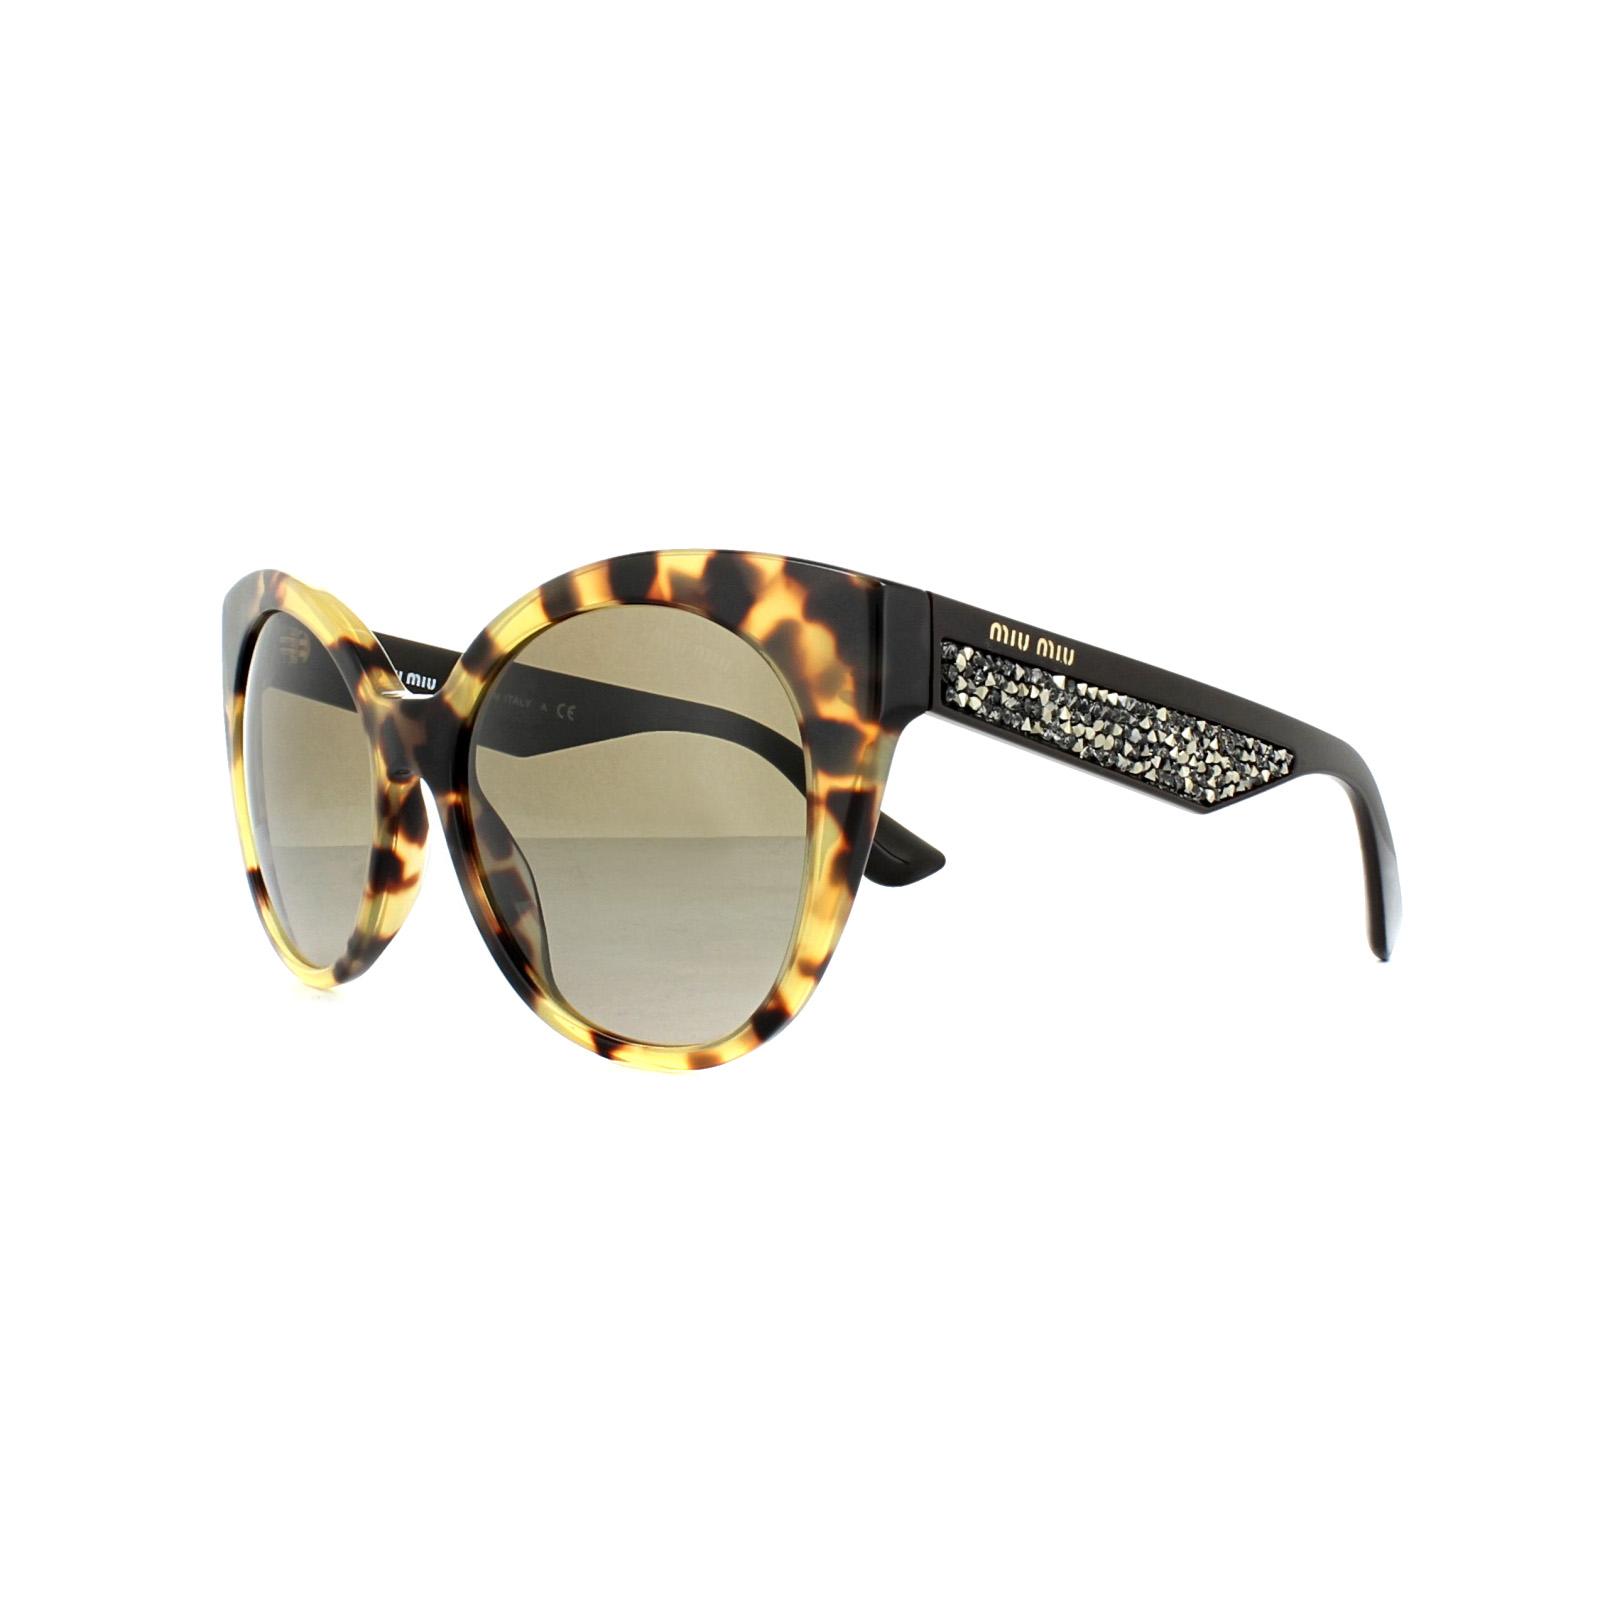 ddc1f299c27 Sentinel Miu Miu Sunglasses 07RS 7S01X1 Light Havana Brown Gradient